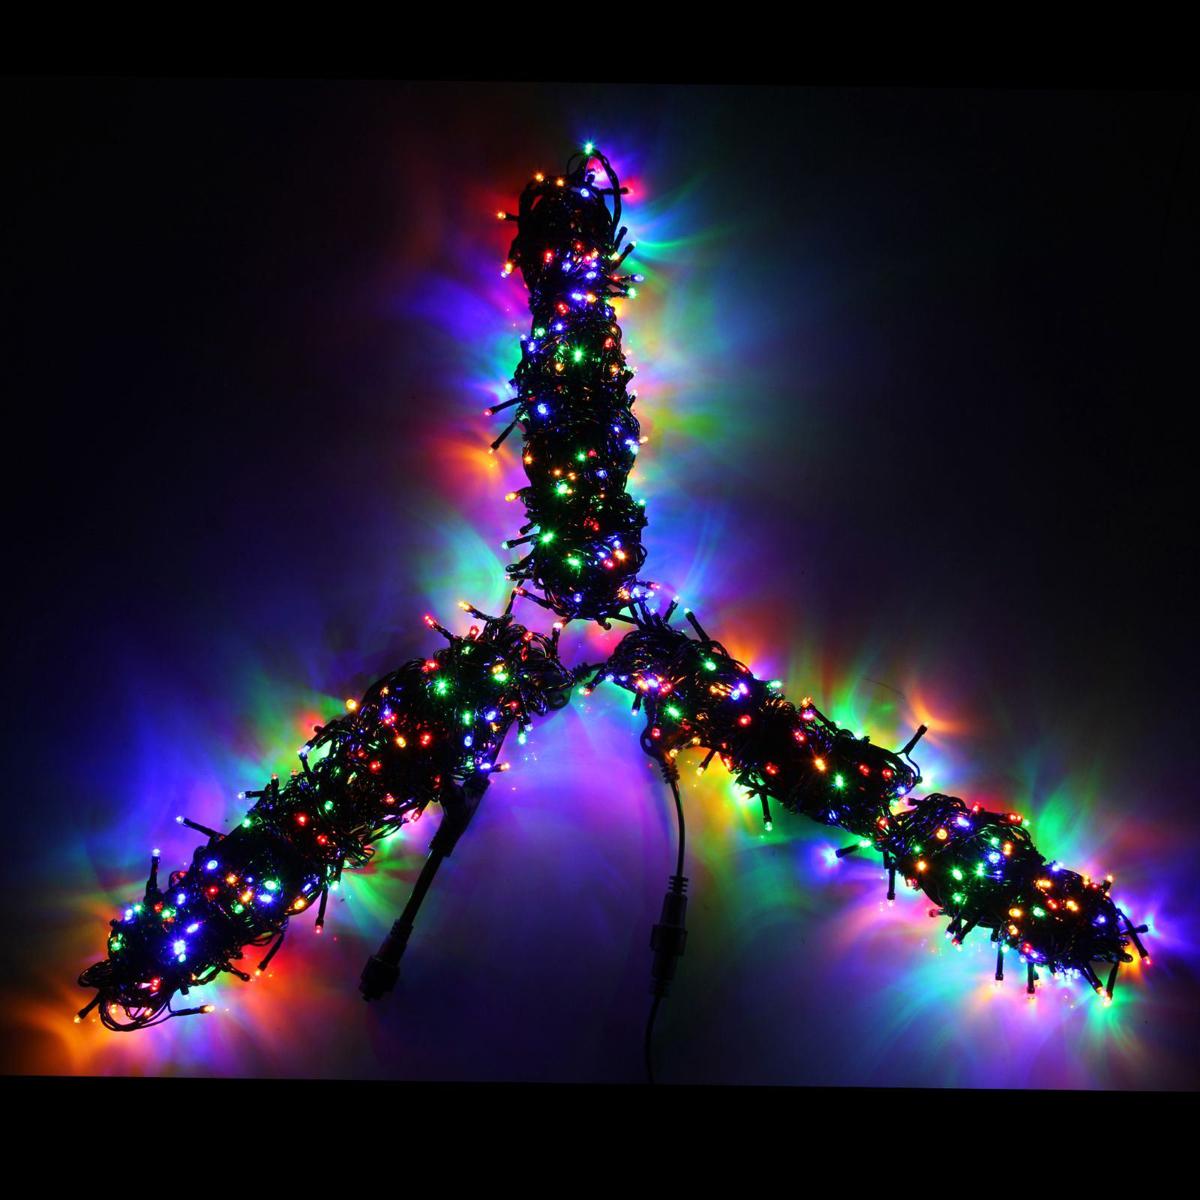 Гирлянда Luazon Клип лайт, длина 20 м, LED 600 ламп, 24В, цвет: мультиколор1586037Светодиодные гирлянды, ленты и т.д — это отличный вариант для новогоднего оформления интерьера или фасада. С их помощью помещение любого размера можно превратить в праздничный зал, а внешние элементы зданий, украшенные ими, мгновенно станут напоминать очертания сказочного дворца. Такие украшения создают ауру предвкушения чуда. Деревья, фасады, витрины, окна и арки будто специально созданы, чтобы вы украсили их светящимися нитями.